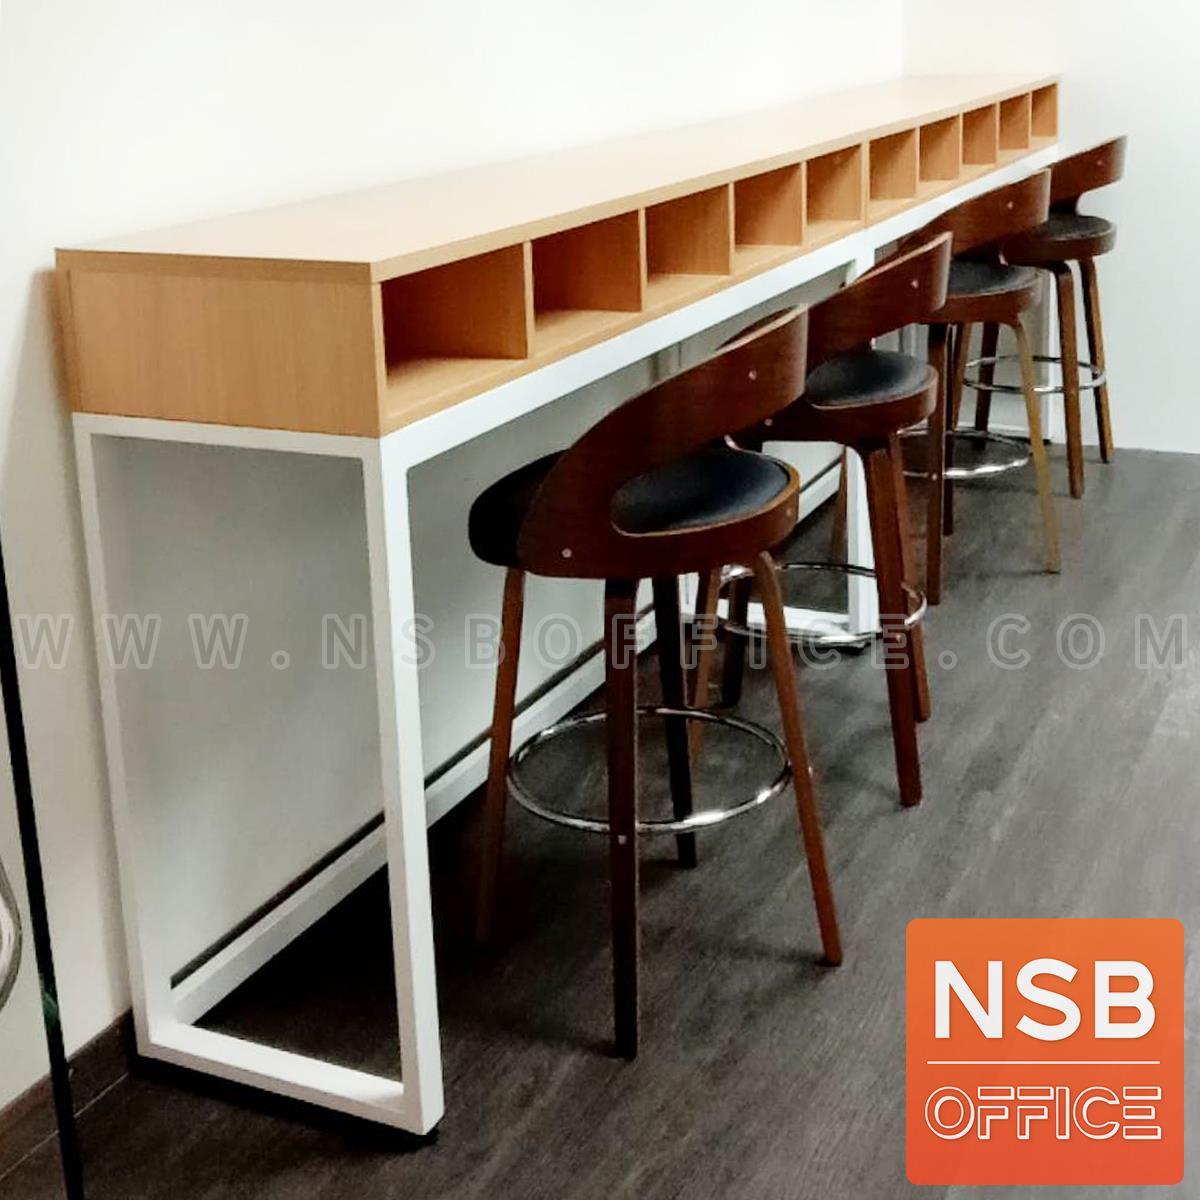 โต๊ะเคาน์เตอร์บาร์สูงหน้าตรง  รุ่น Bar-D ขนาด 120W,150W,180W cm.  ช่องวางของ